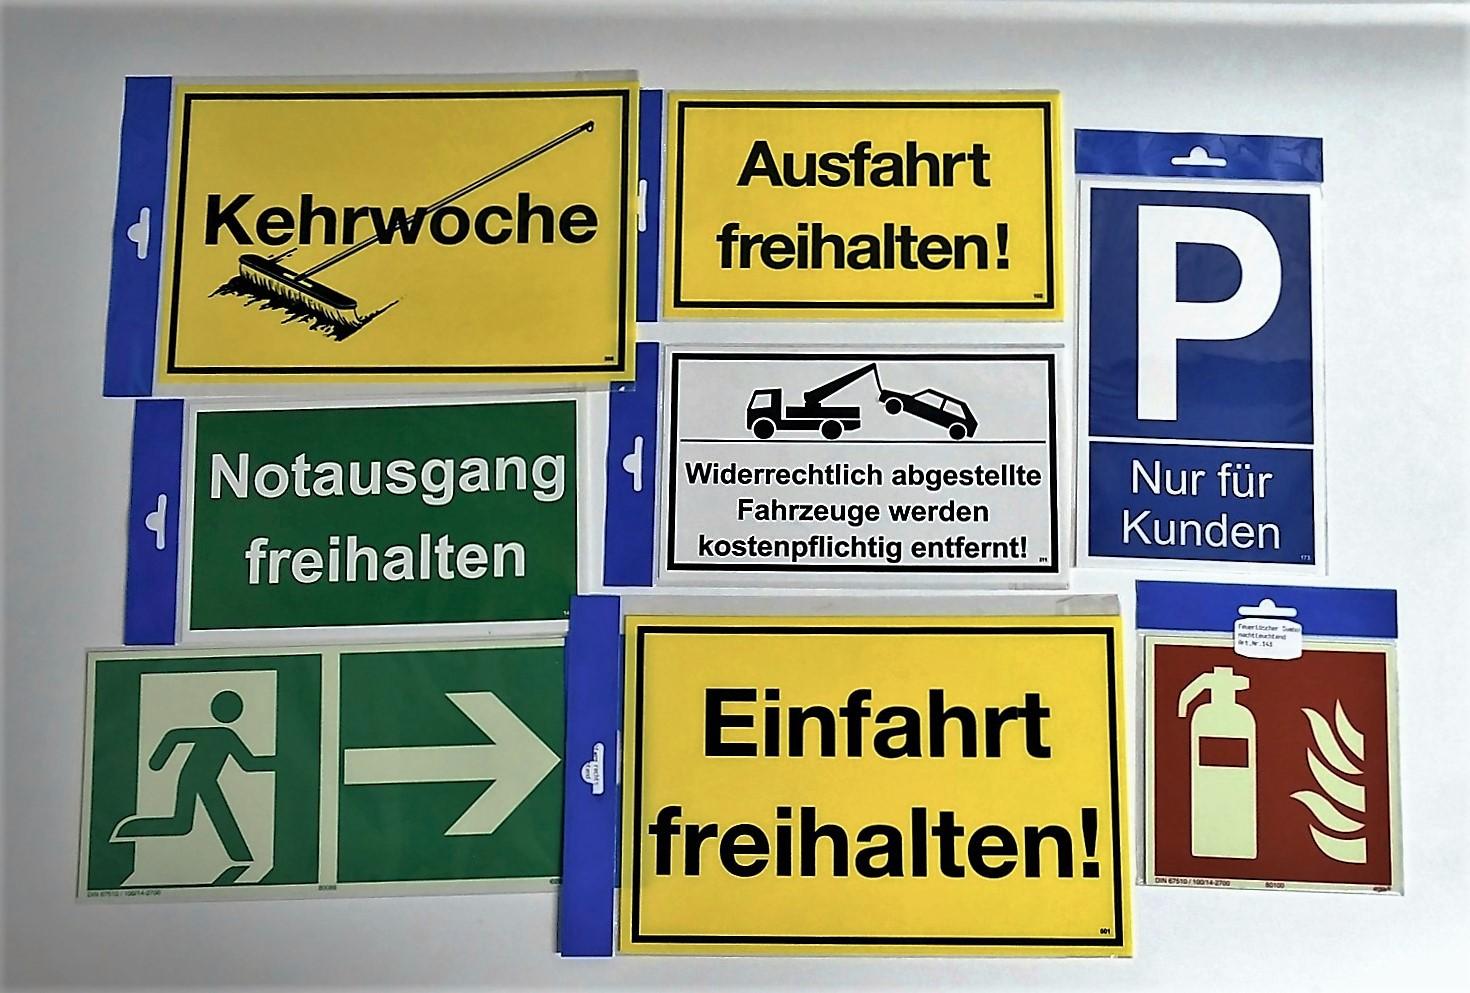 Betreten des Grundstücks verboten! Eltern haften für ihre Kinder! 150 x 250 mm Warn- Hinweis- und Verbotsschild PST-Kunststoff – Bild 2